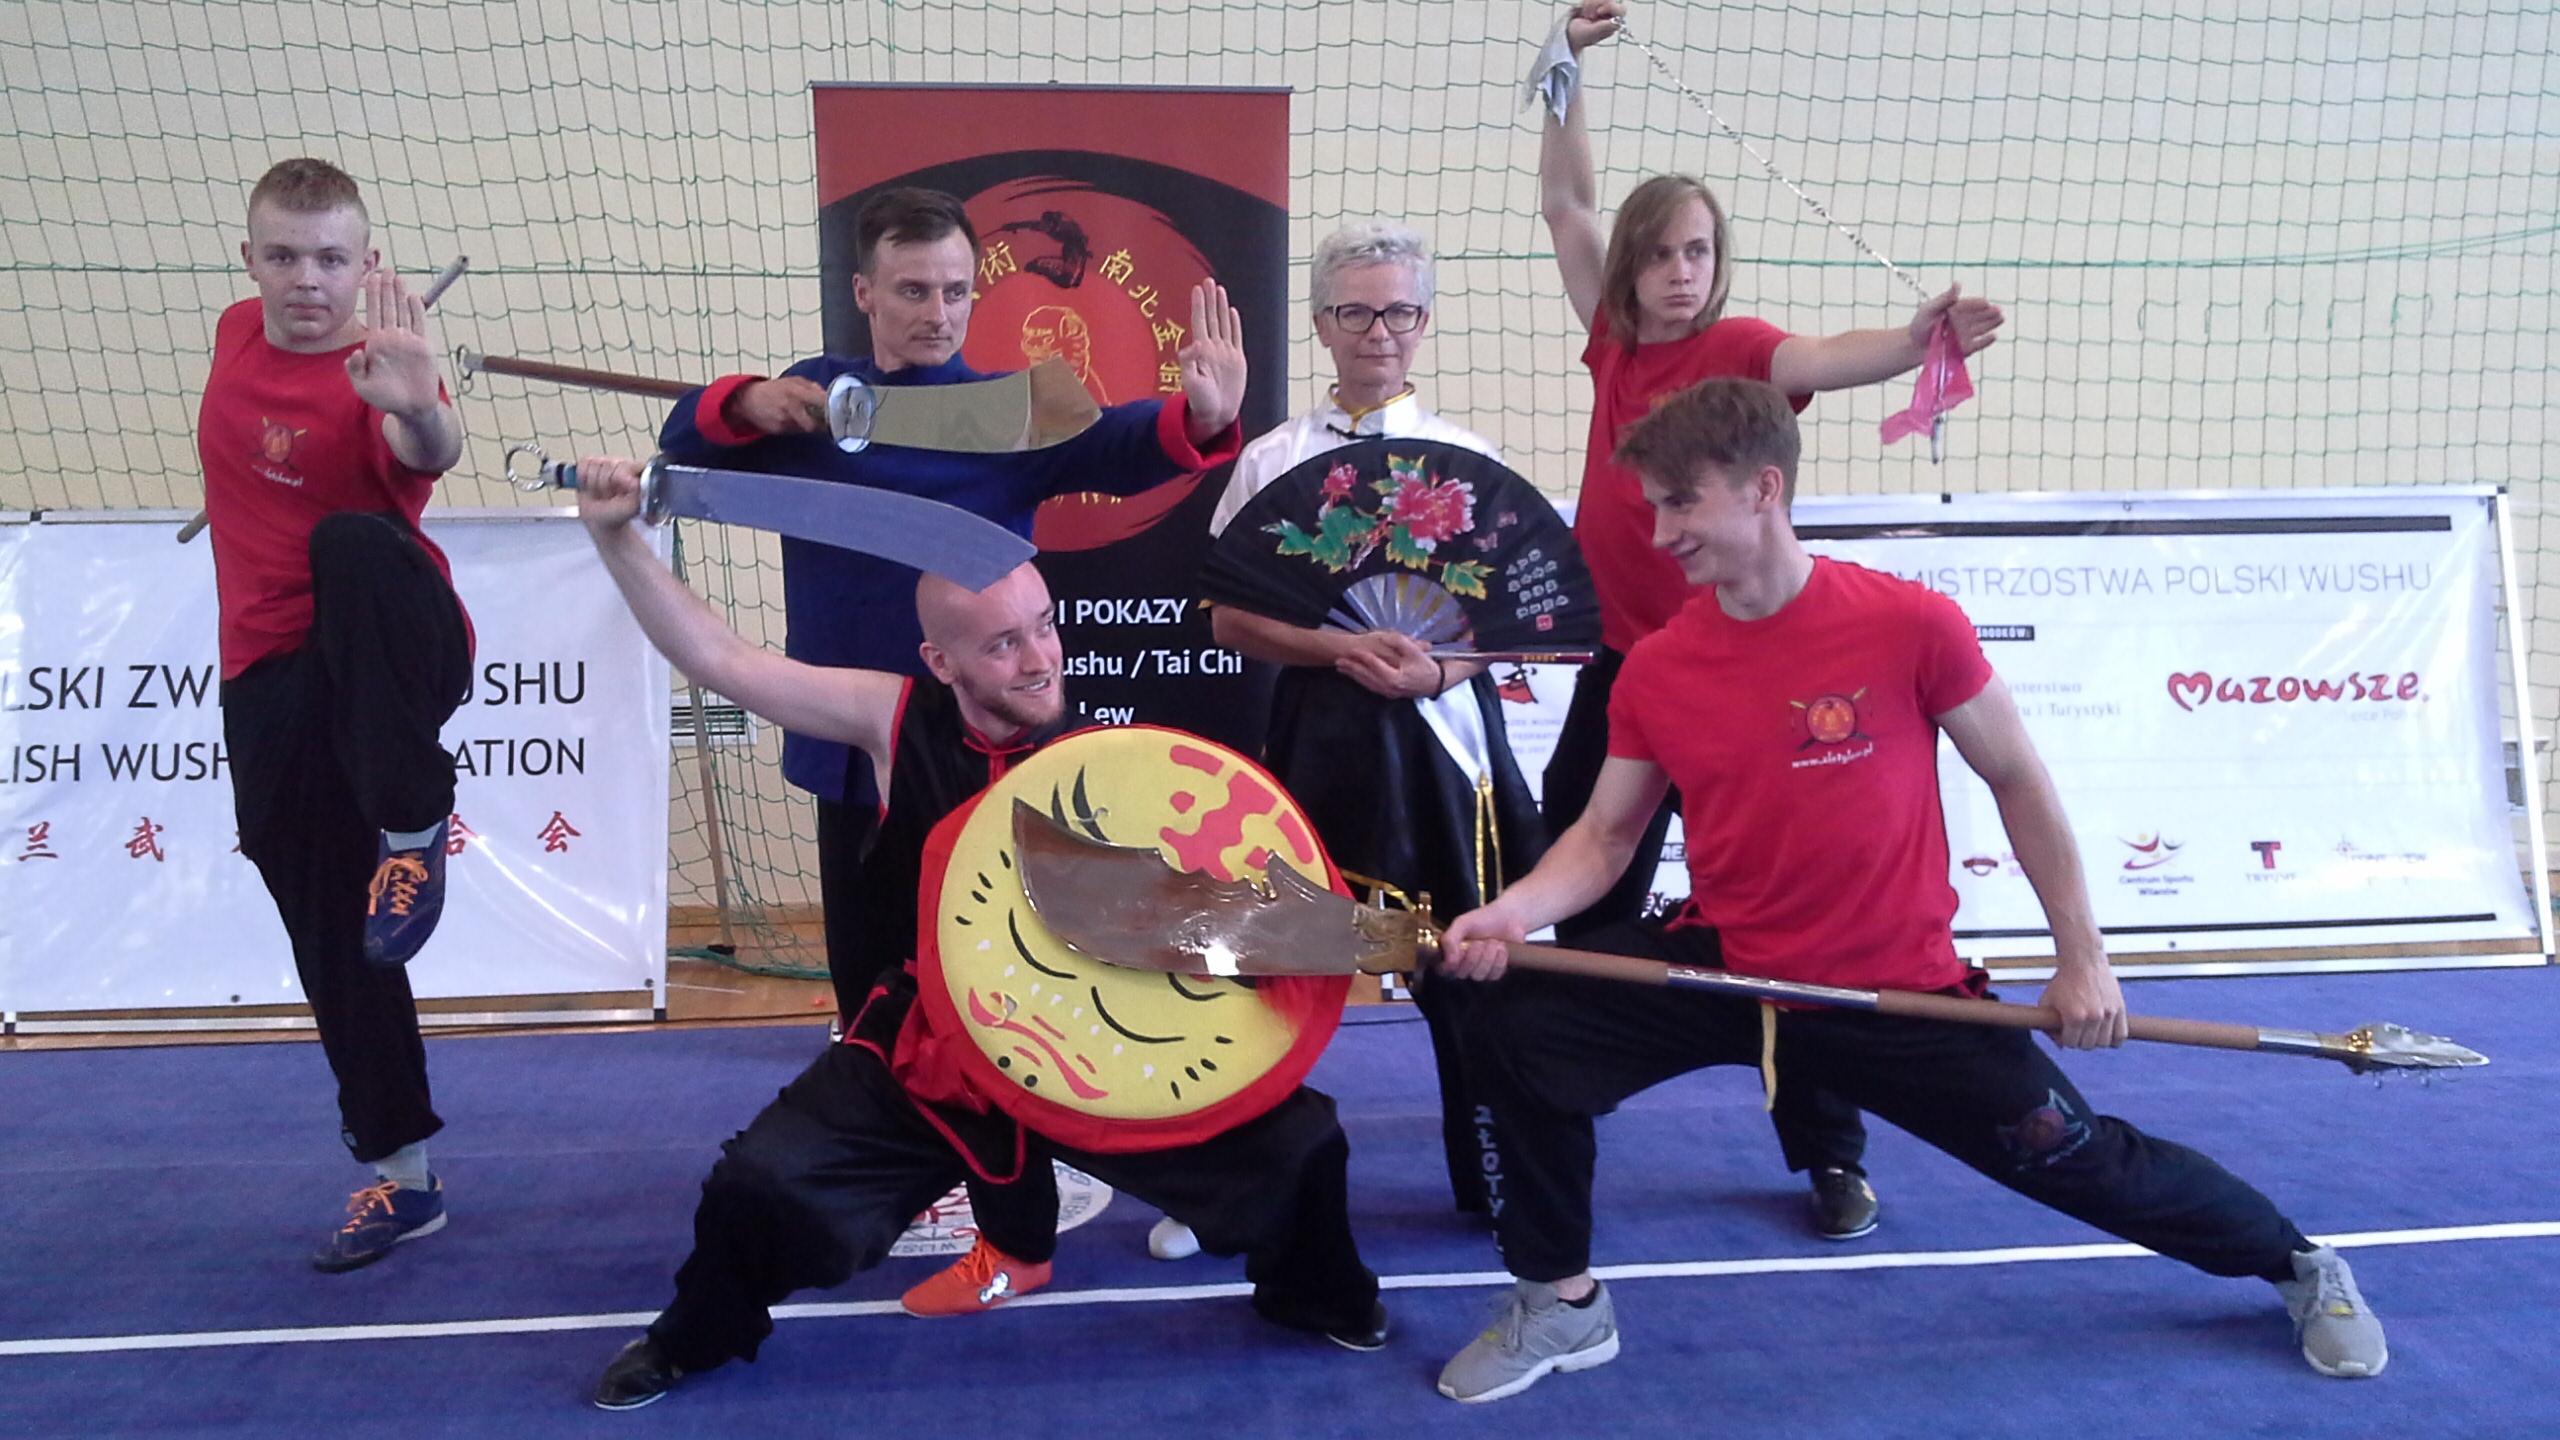 XXIII Międzynarodowe Mistrzostwa Polski Wushu Warszawa (10 – 11.06.2017)